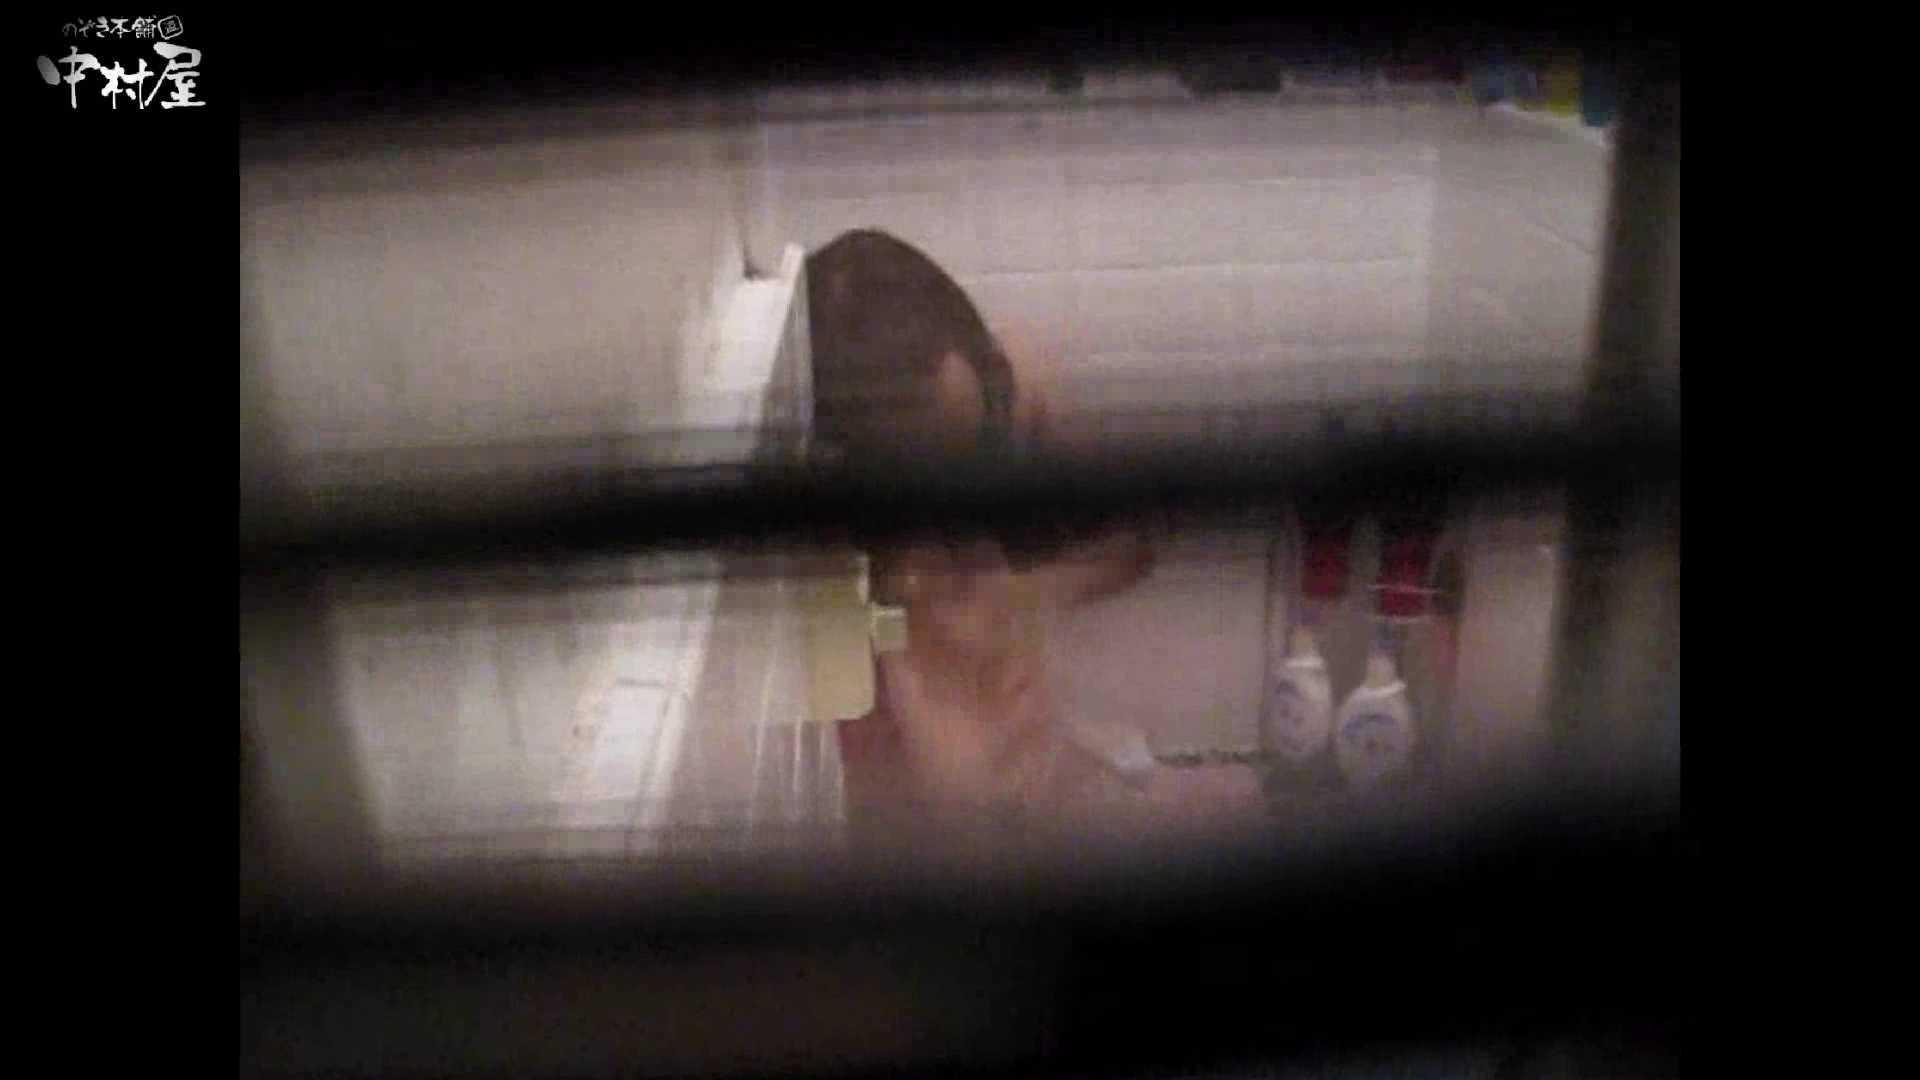 民家風呂専門盗撮師の超危険映像 vol.017 美女まとめ オマンコ無修正動画無料 110PIX 47